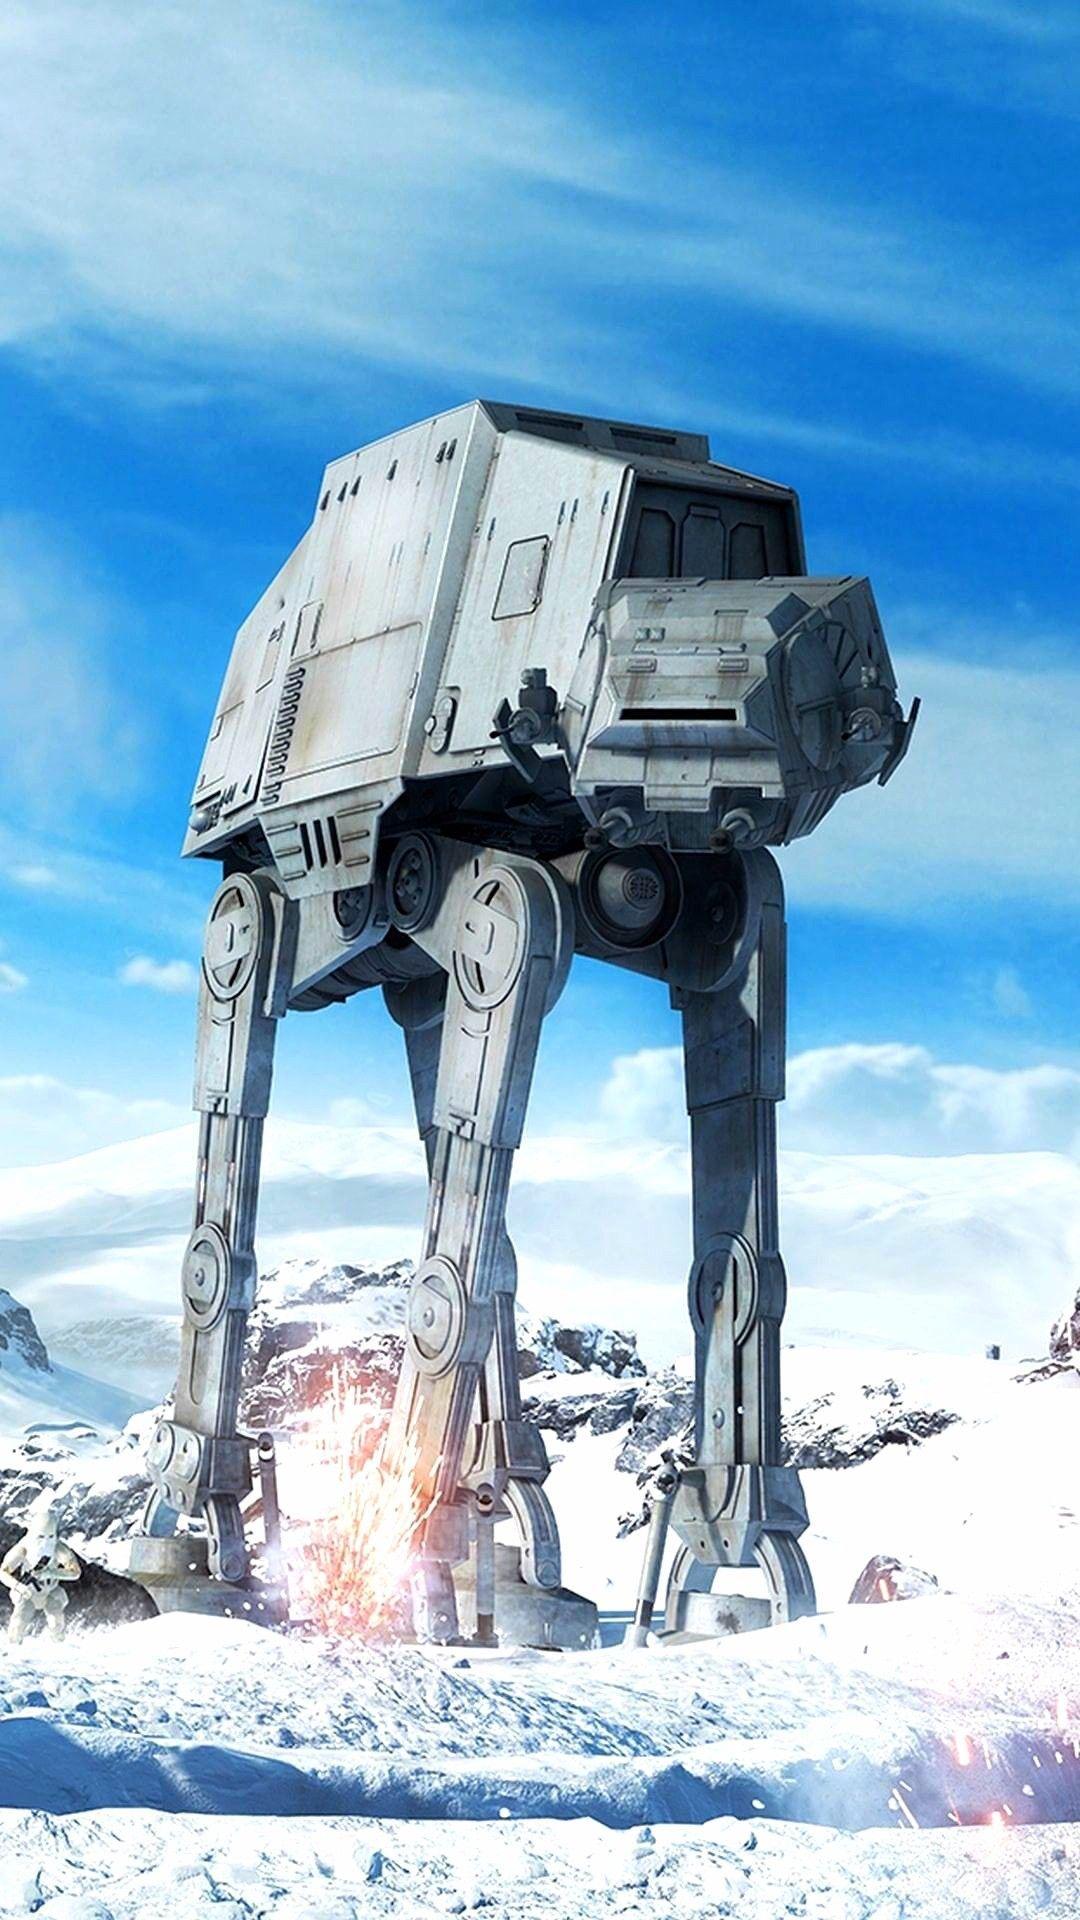 Star Wars At At Iphone 1080x1920 Download Hd Wallpaper Wallpapertip